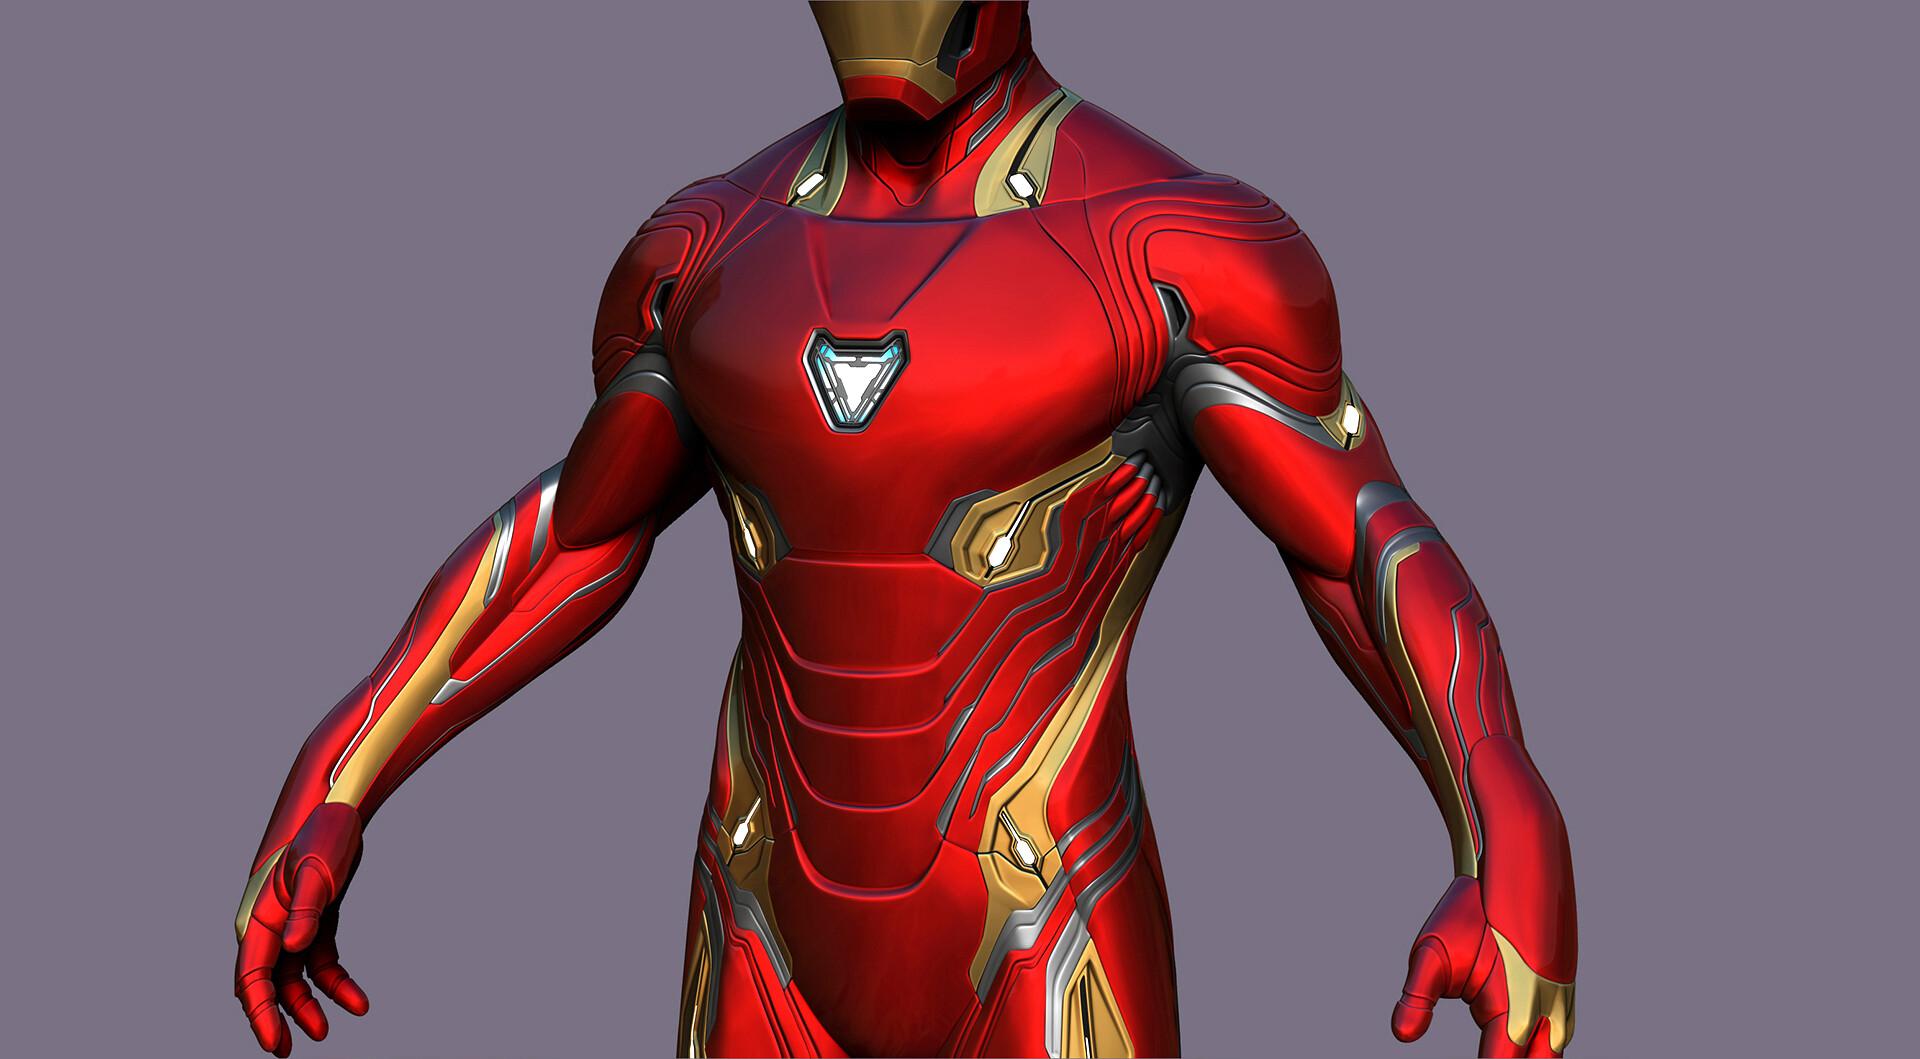 Velimir kondic iron man 3